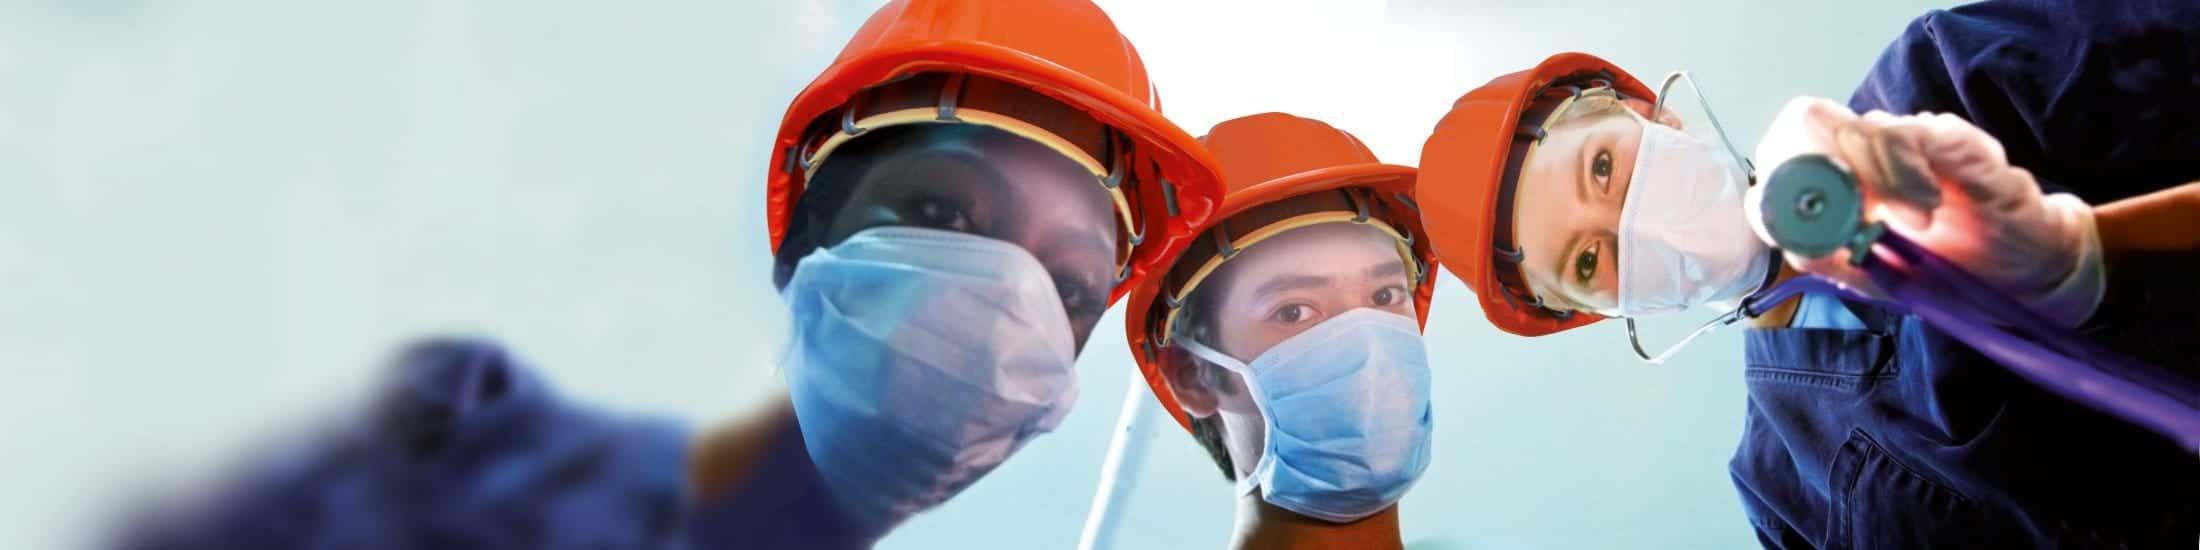 Gebäudesanierung Bauunternehmen Saarlouis